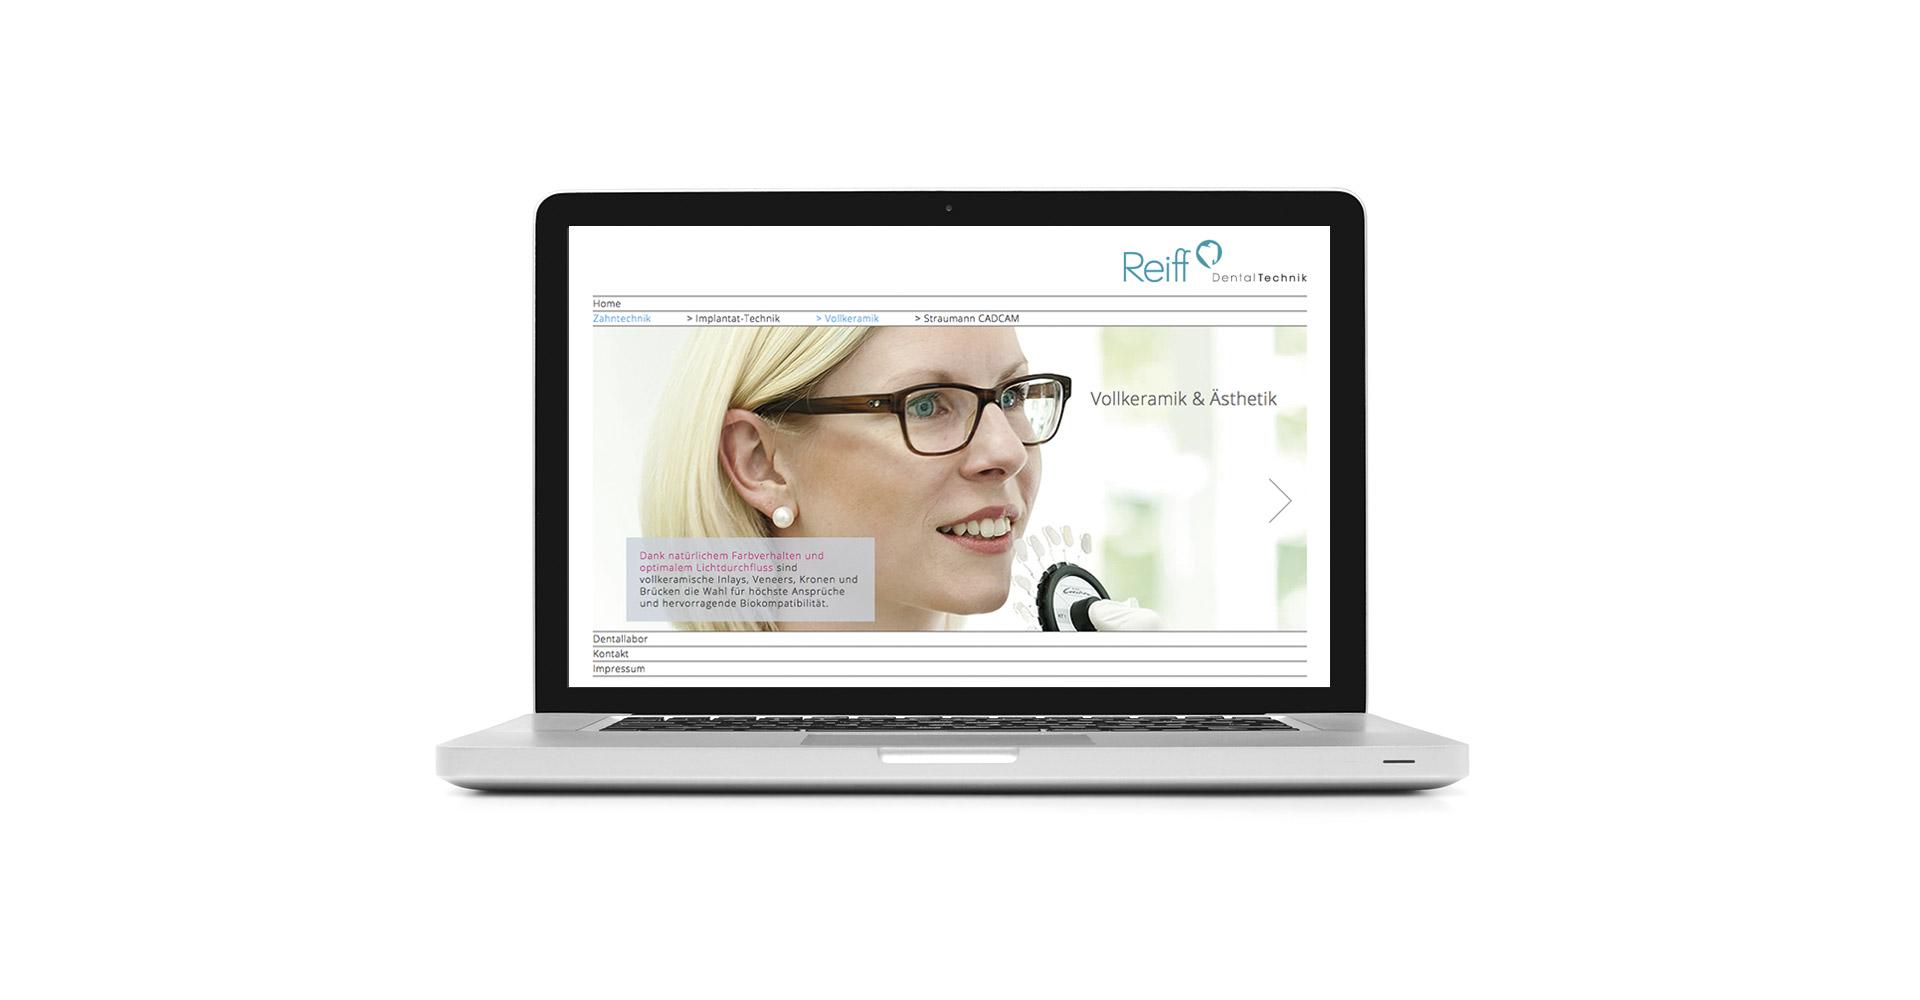 Petermeyer Zimmerer, Reiff Dentaltechnik, Webseite